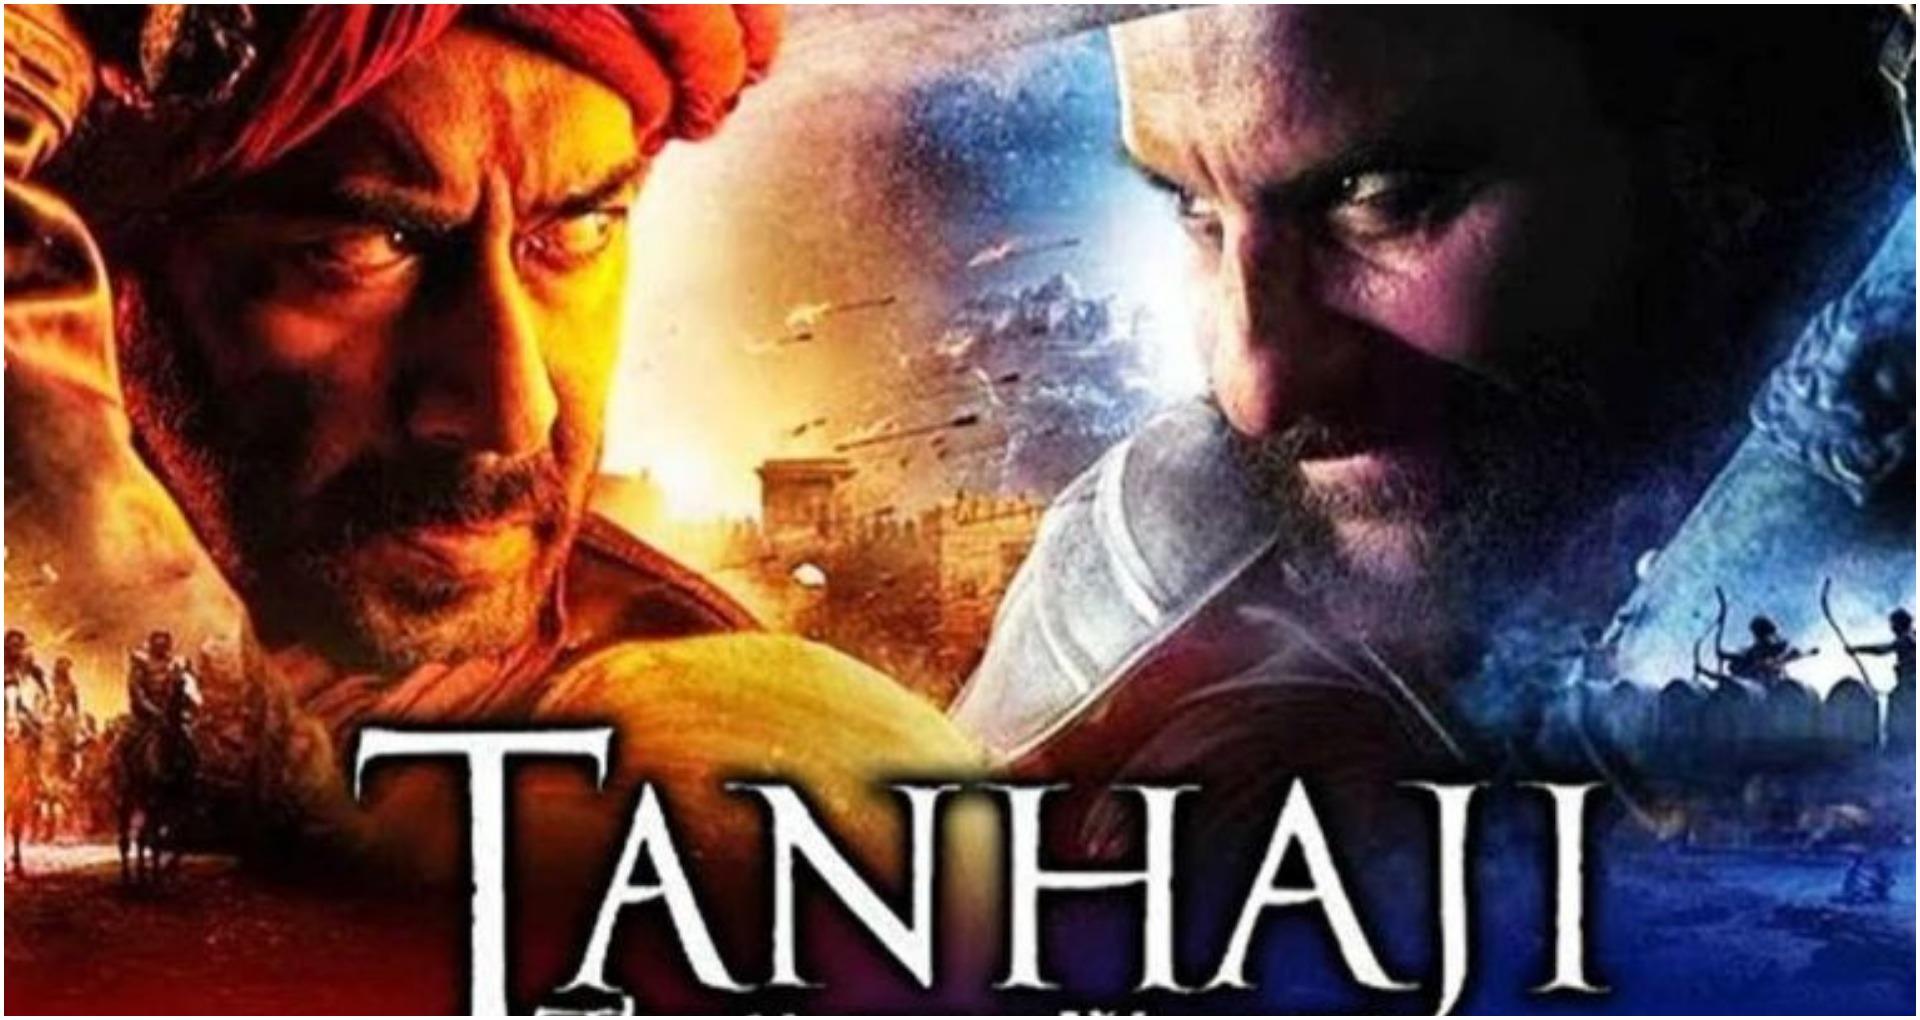 Tanhaji Box Office Collection: 'तान्हाजी' का जलवा अब भी कायम, 19वें दिन भी की शानदार कमाई